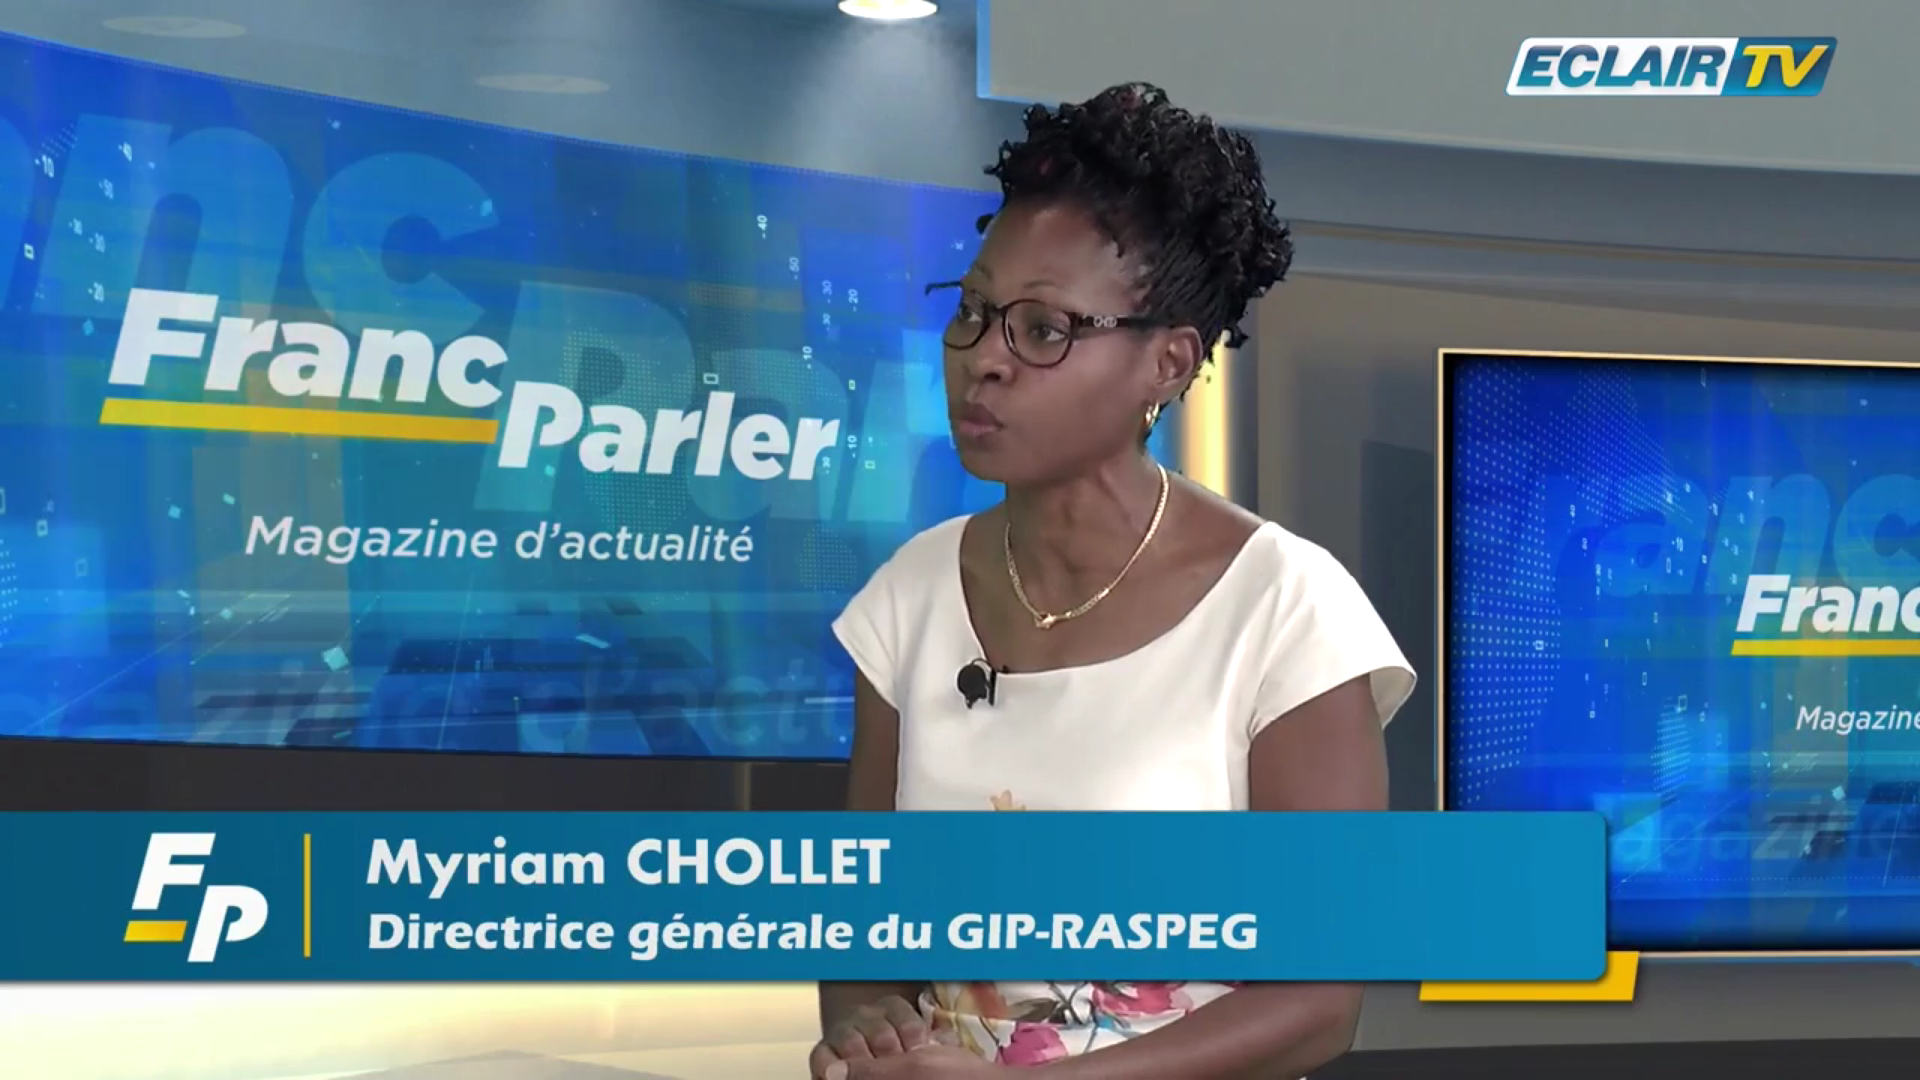 [Vidéo] Onews Guadeloupe. Myriam CHOLLET. Invité de Franc Parler(ECLAIR TV)